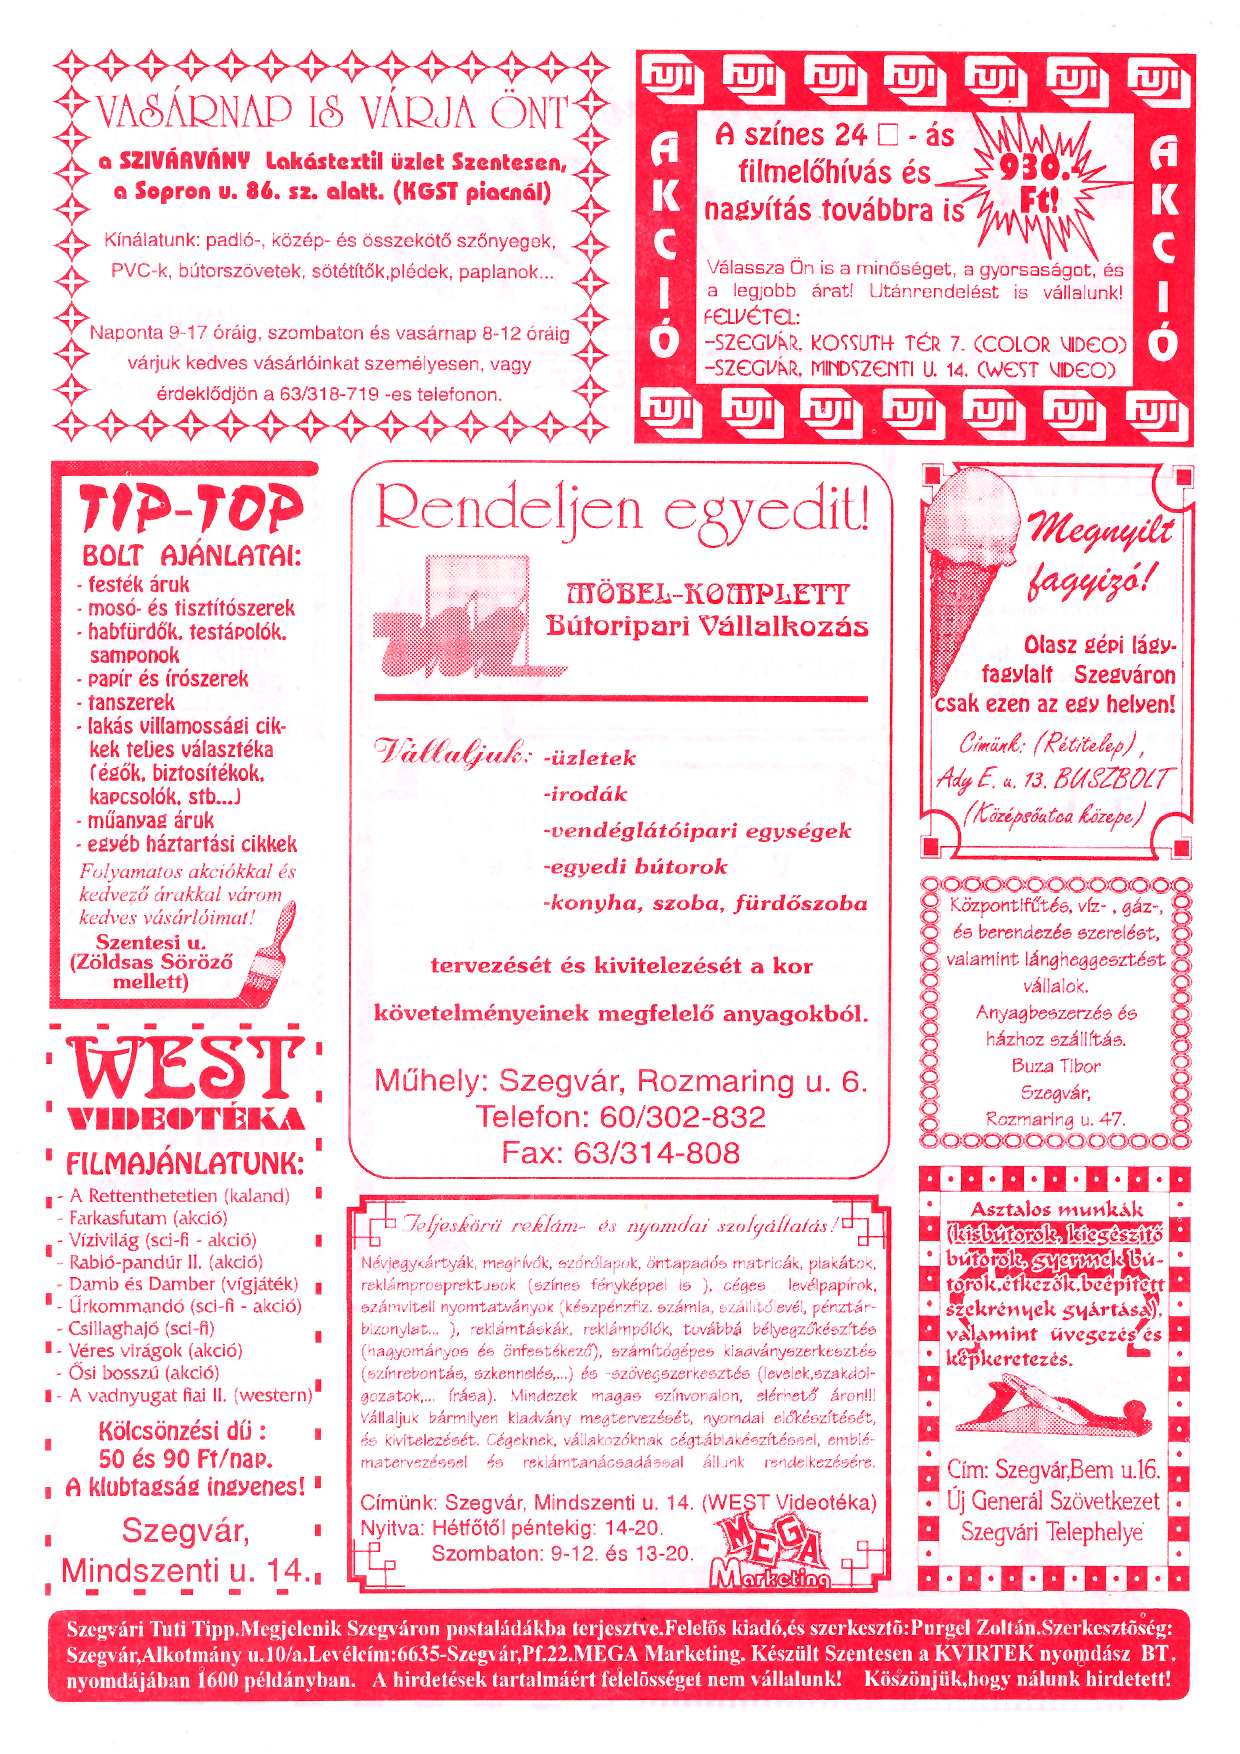 024 Szegvári Tuti Tipp reklámújság - 19960601-023. lapszám - 2.oldal - II. évfolyam.jpg